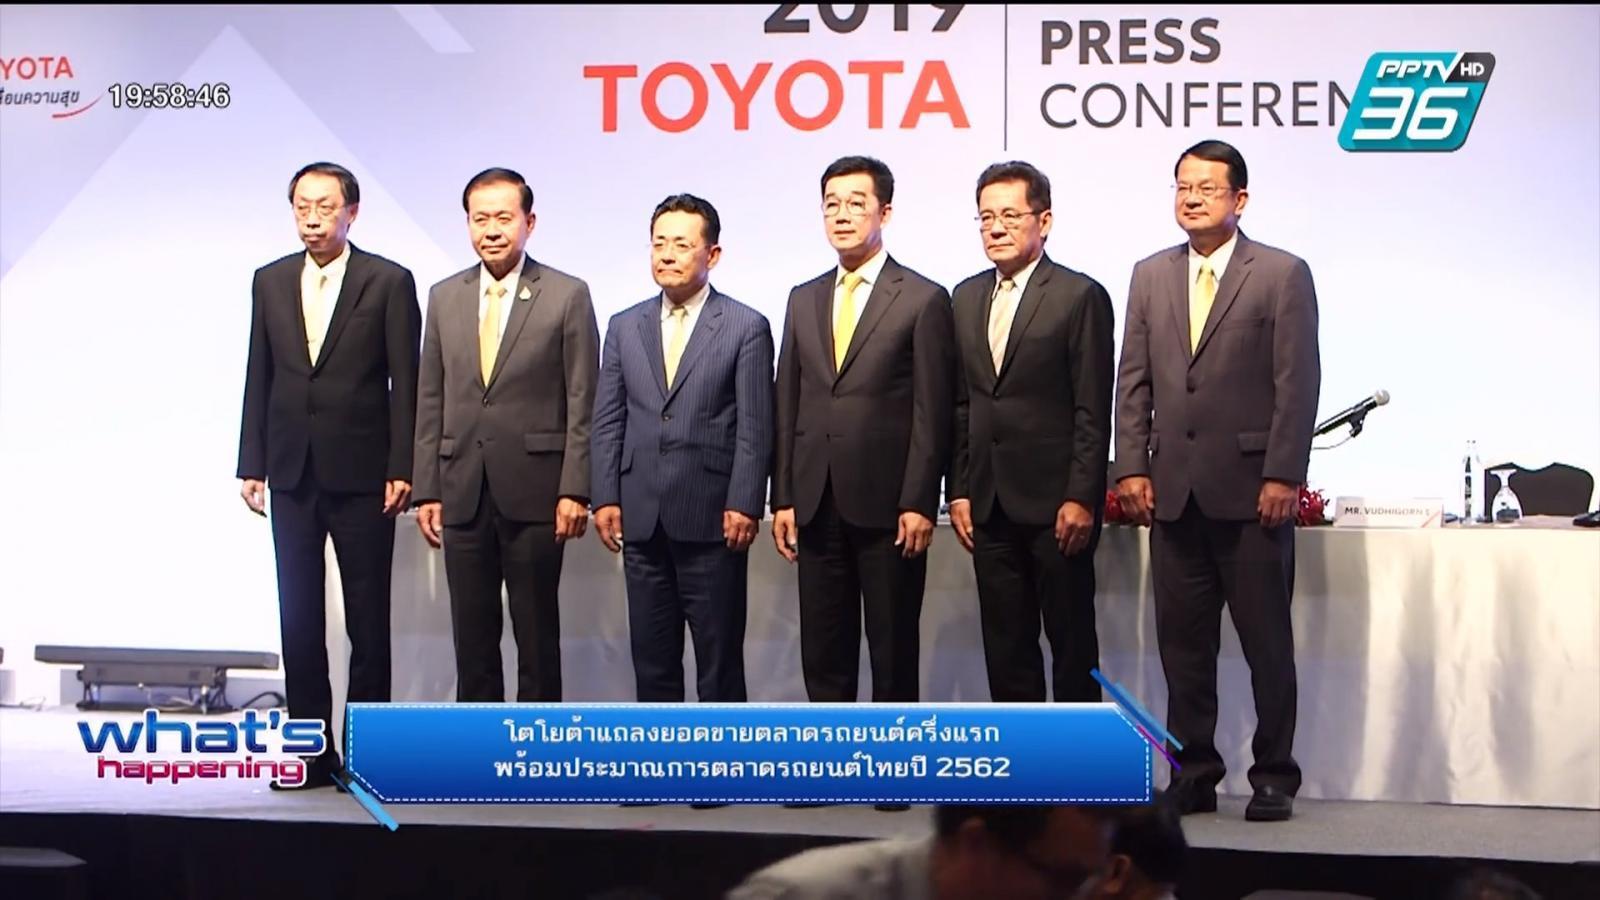 โตโยต้าแถลงยอดขายตลาดรถยนต์ครึ่งปีแรก พร้อมประมาณการตลาดรถยนต์ไทยปี 2562